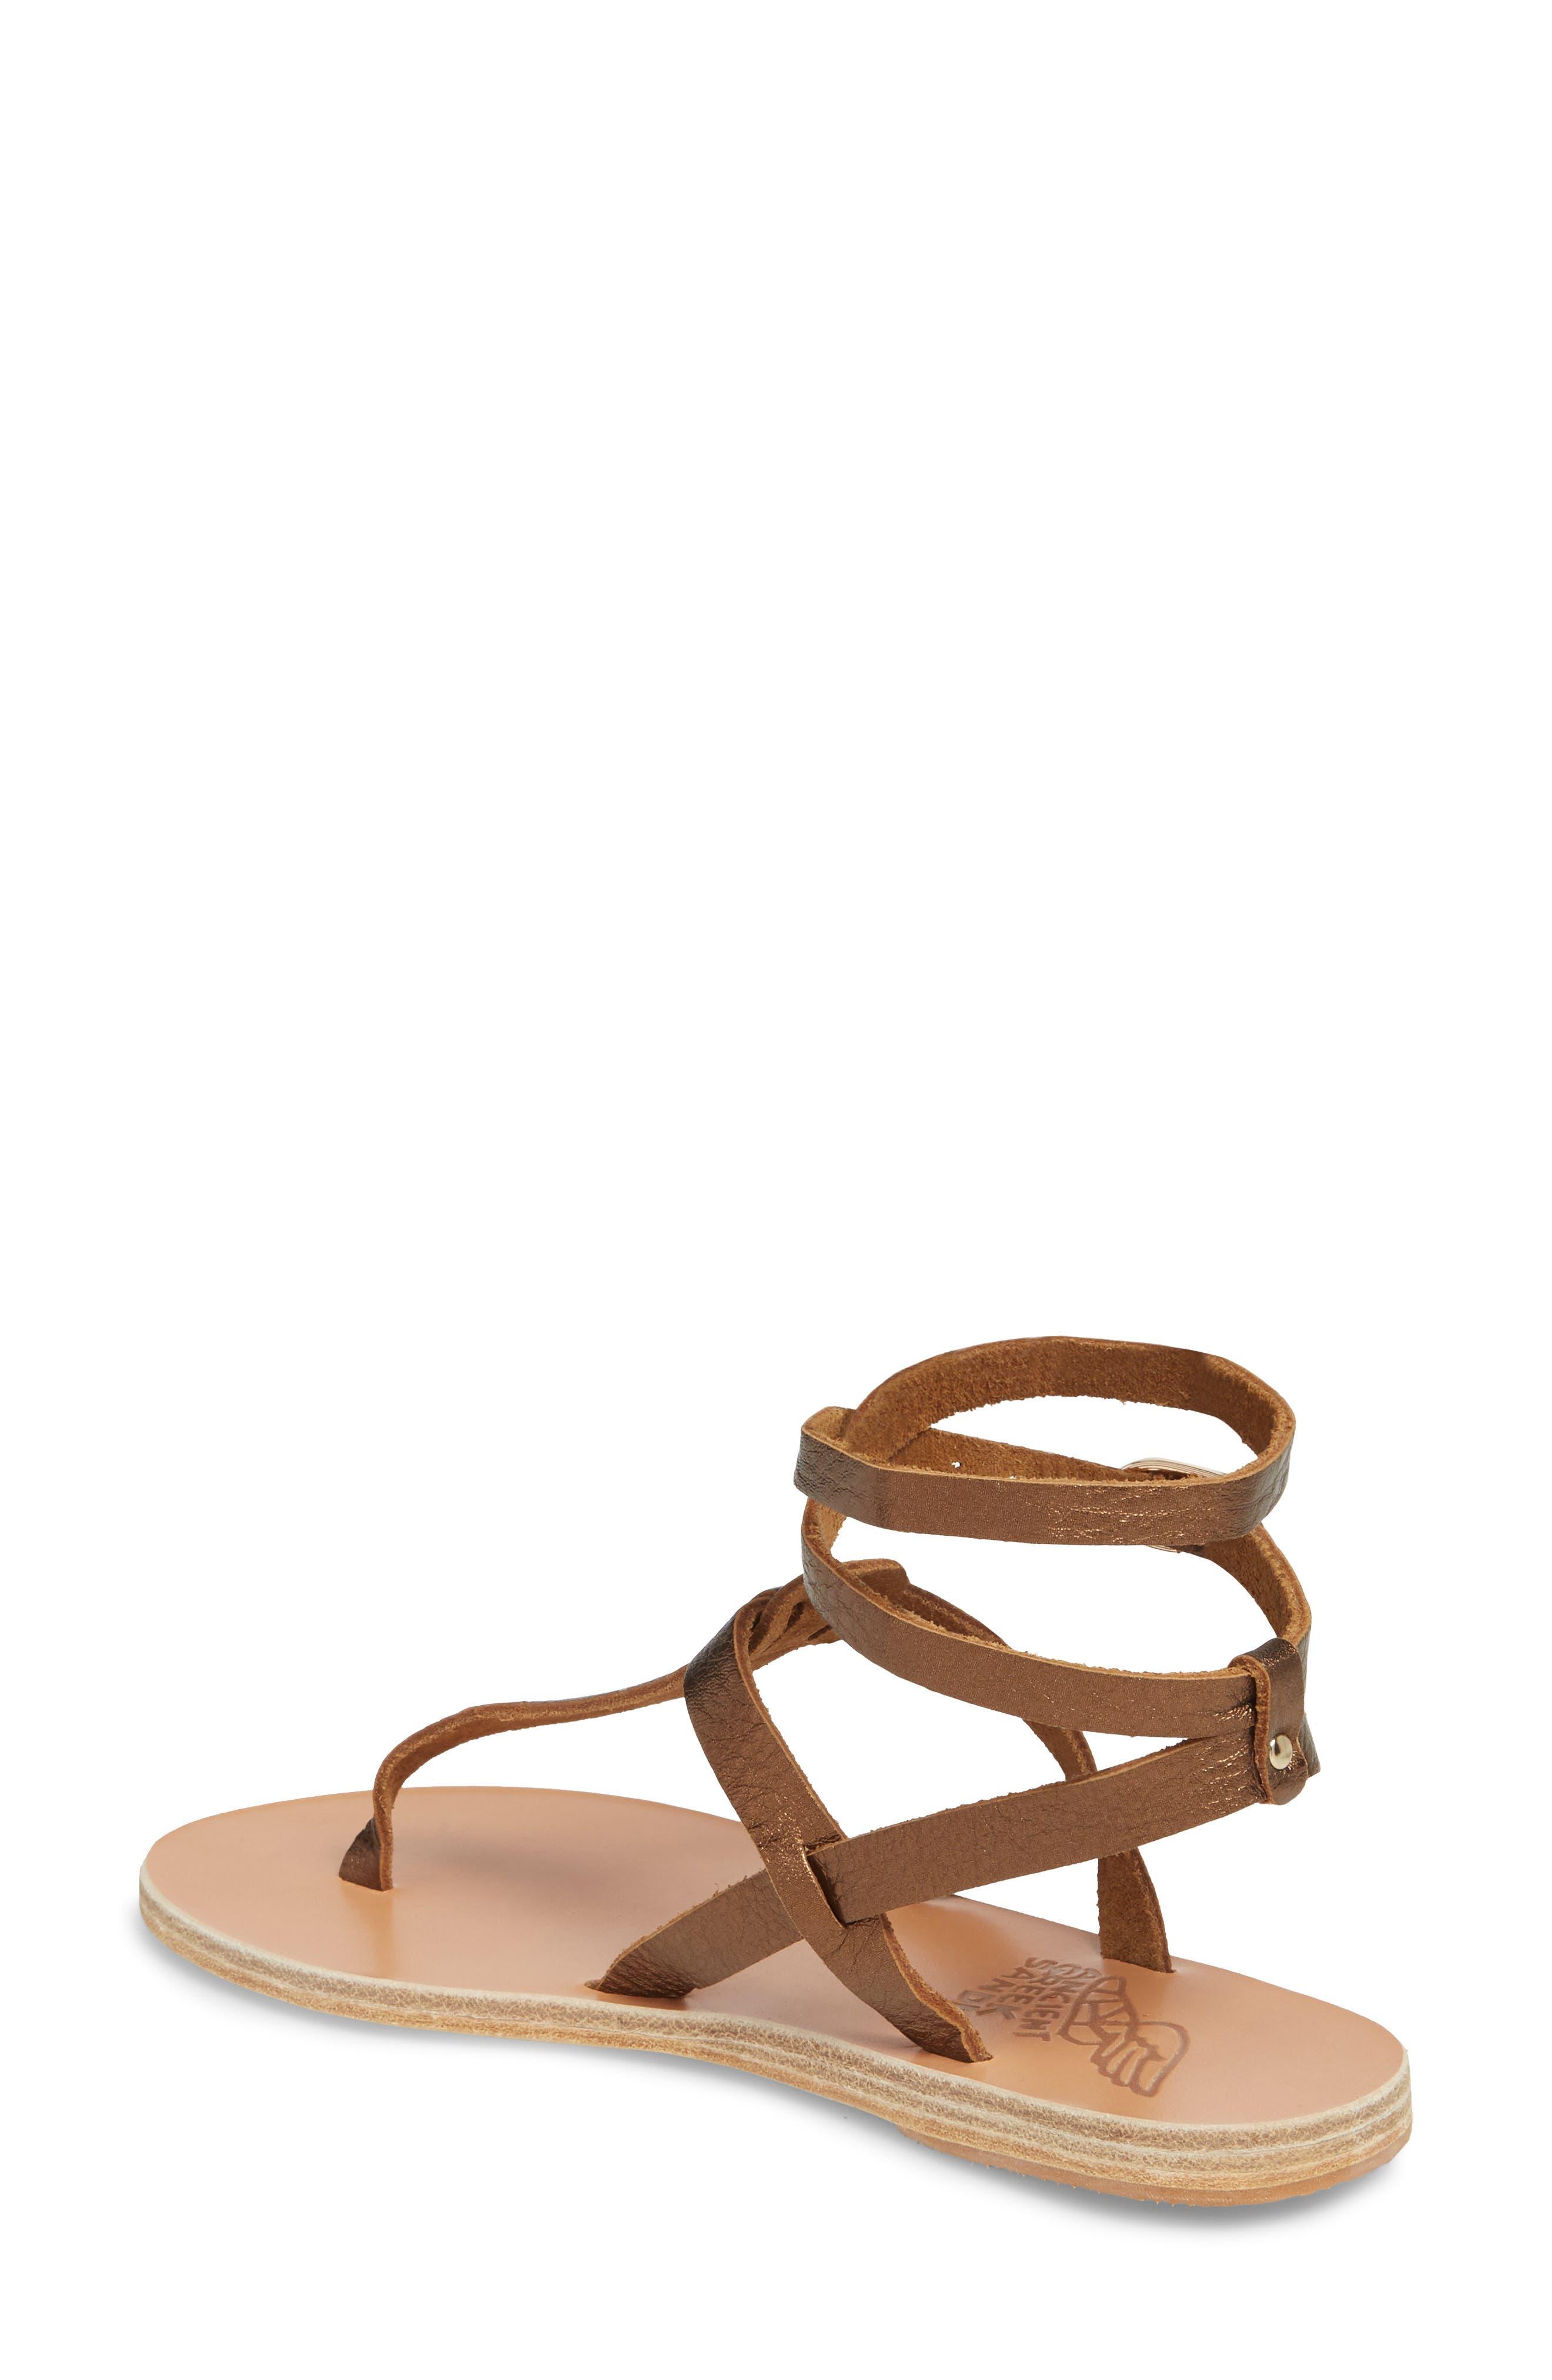 Estia Ankle Wrap Sandal,                             Alternate thumbnail 2, color,                             Bronze/ Cocco